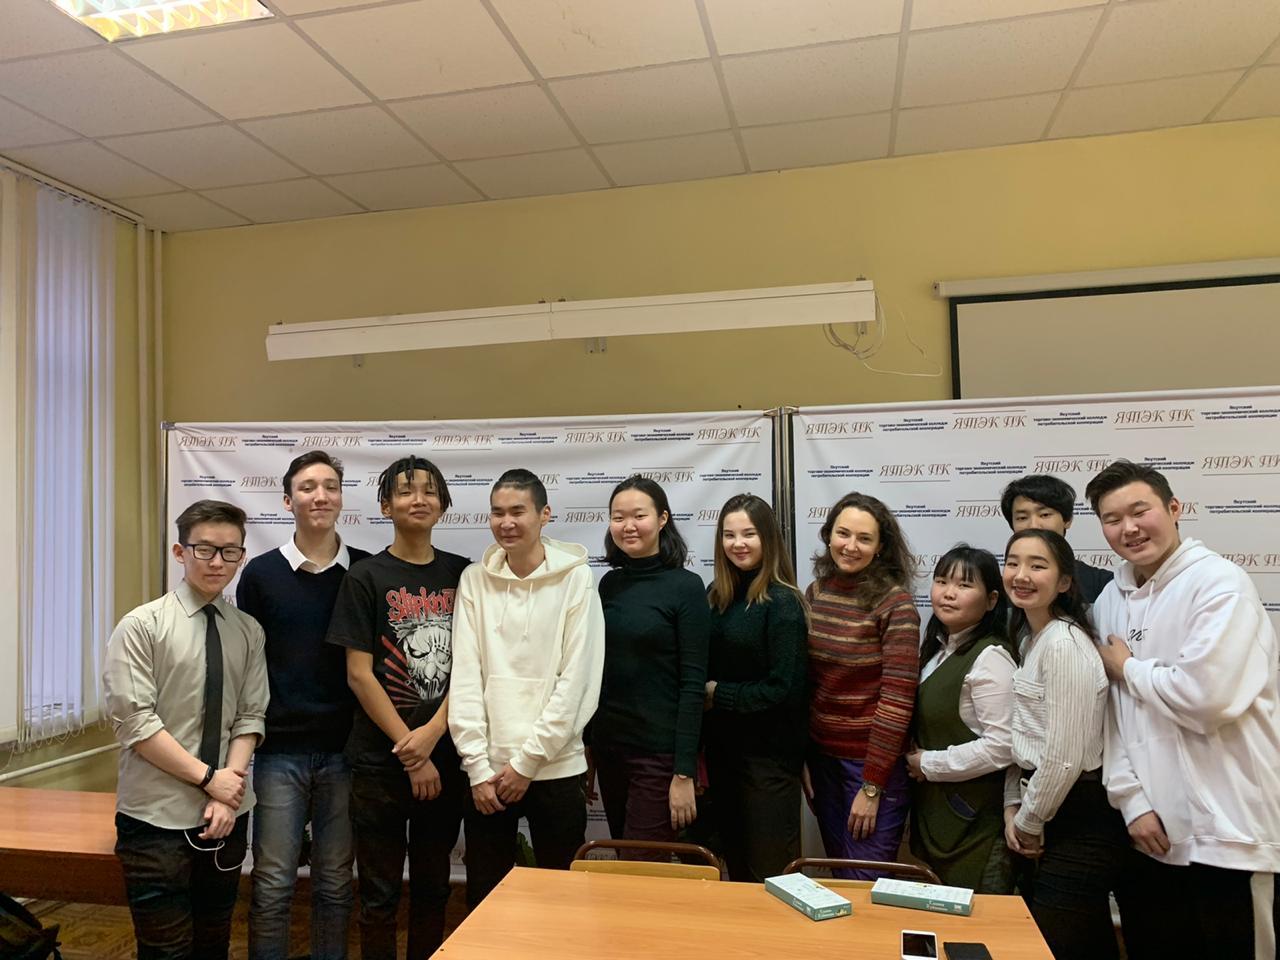 В Якутии студенты средних профессиональных образований стали участниками программы «Открываем Россию заново»